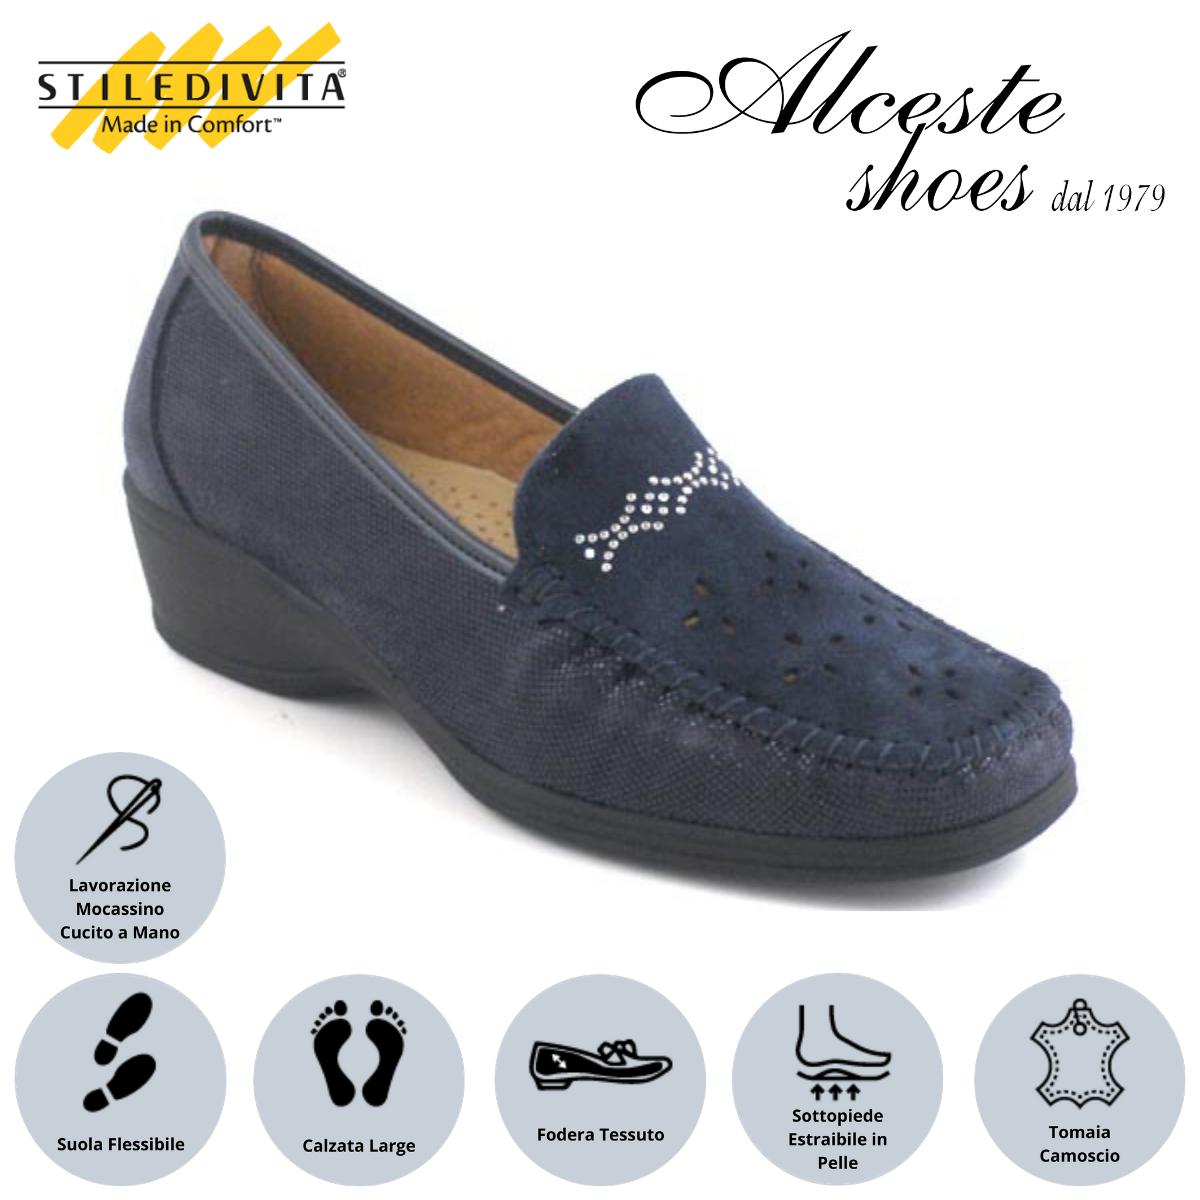 Mocassino Traforato Stiledivita Art. 7368 Camoscio e Camoscio Stampato Blu Alceste Shoes 10 1